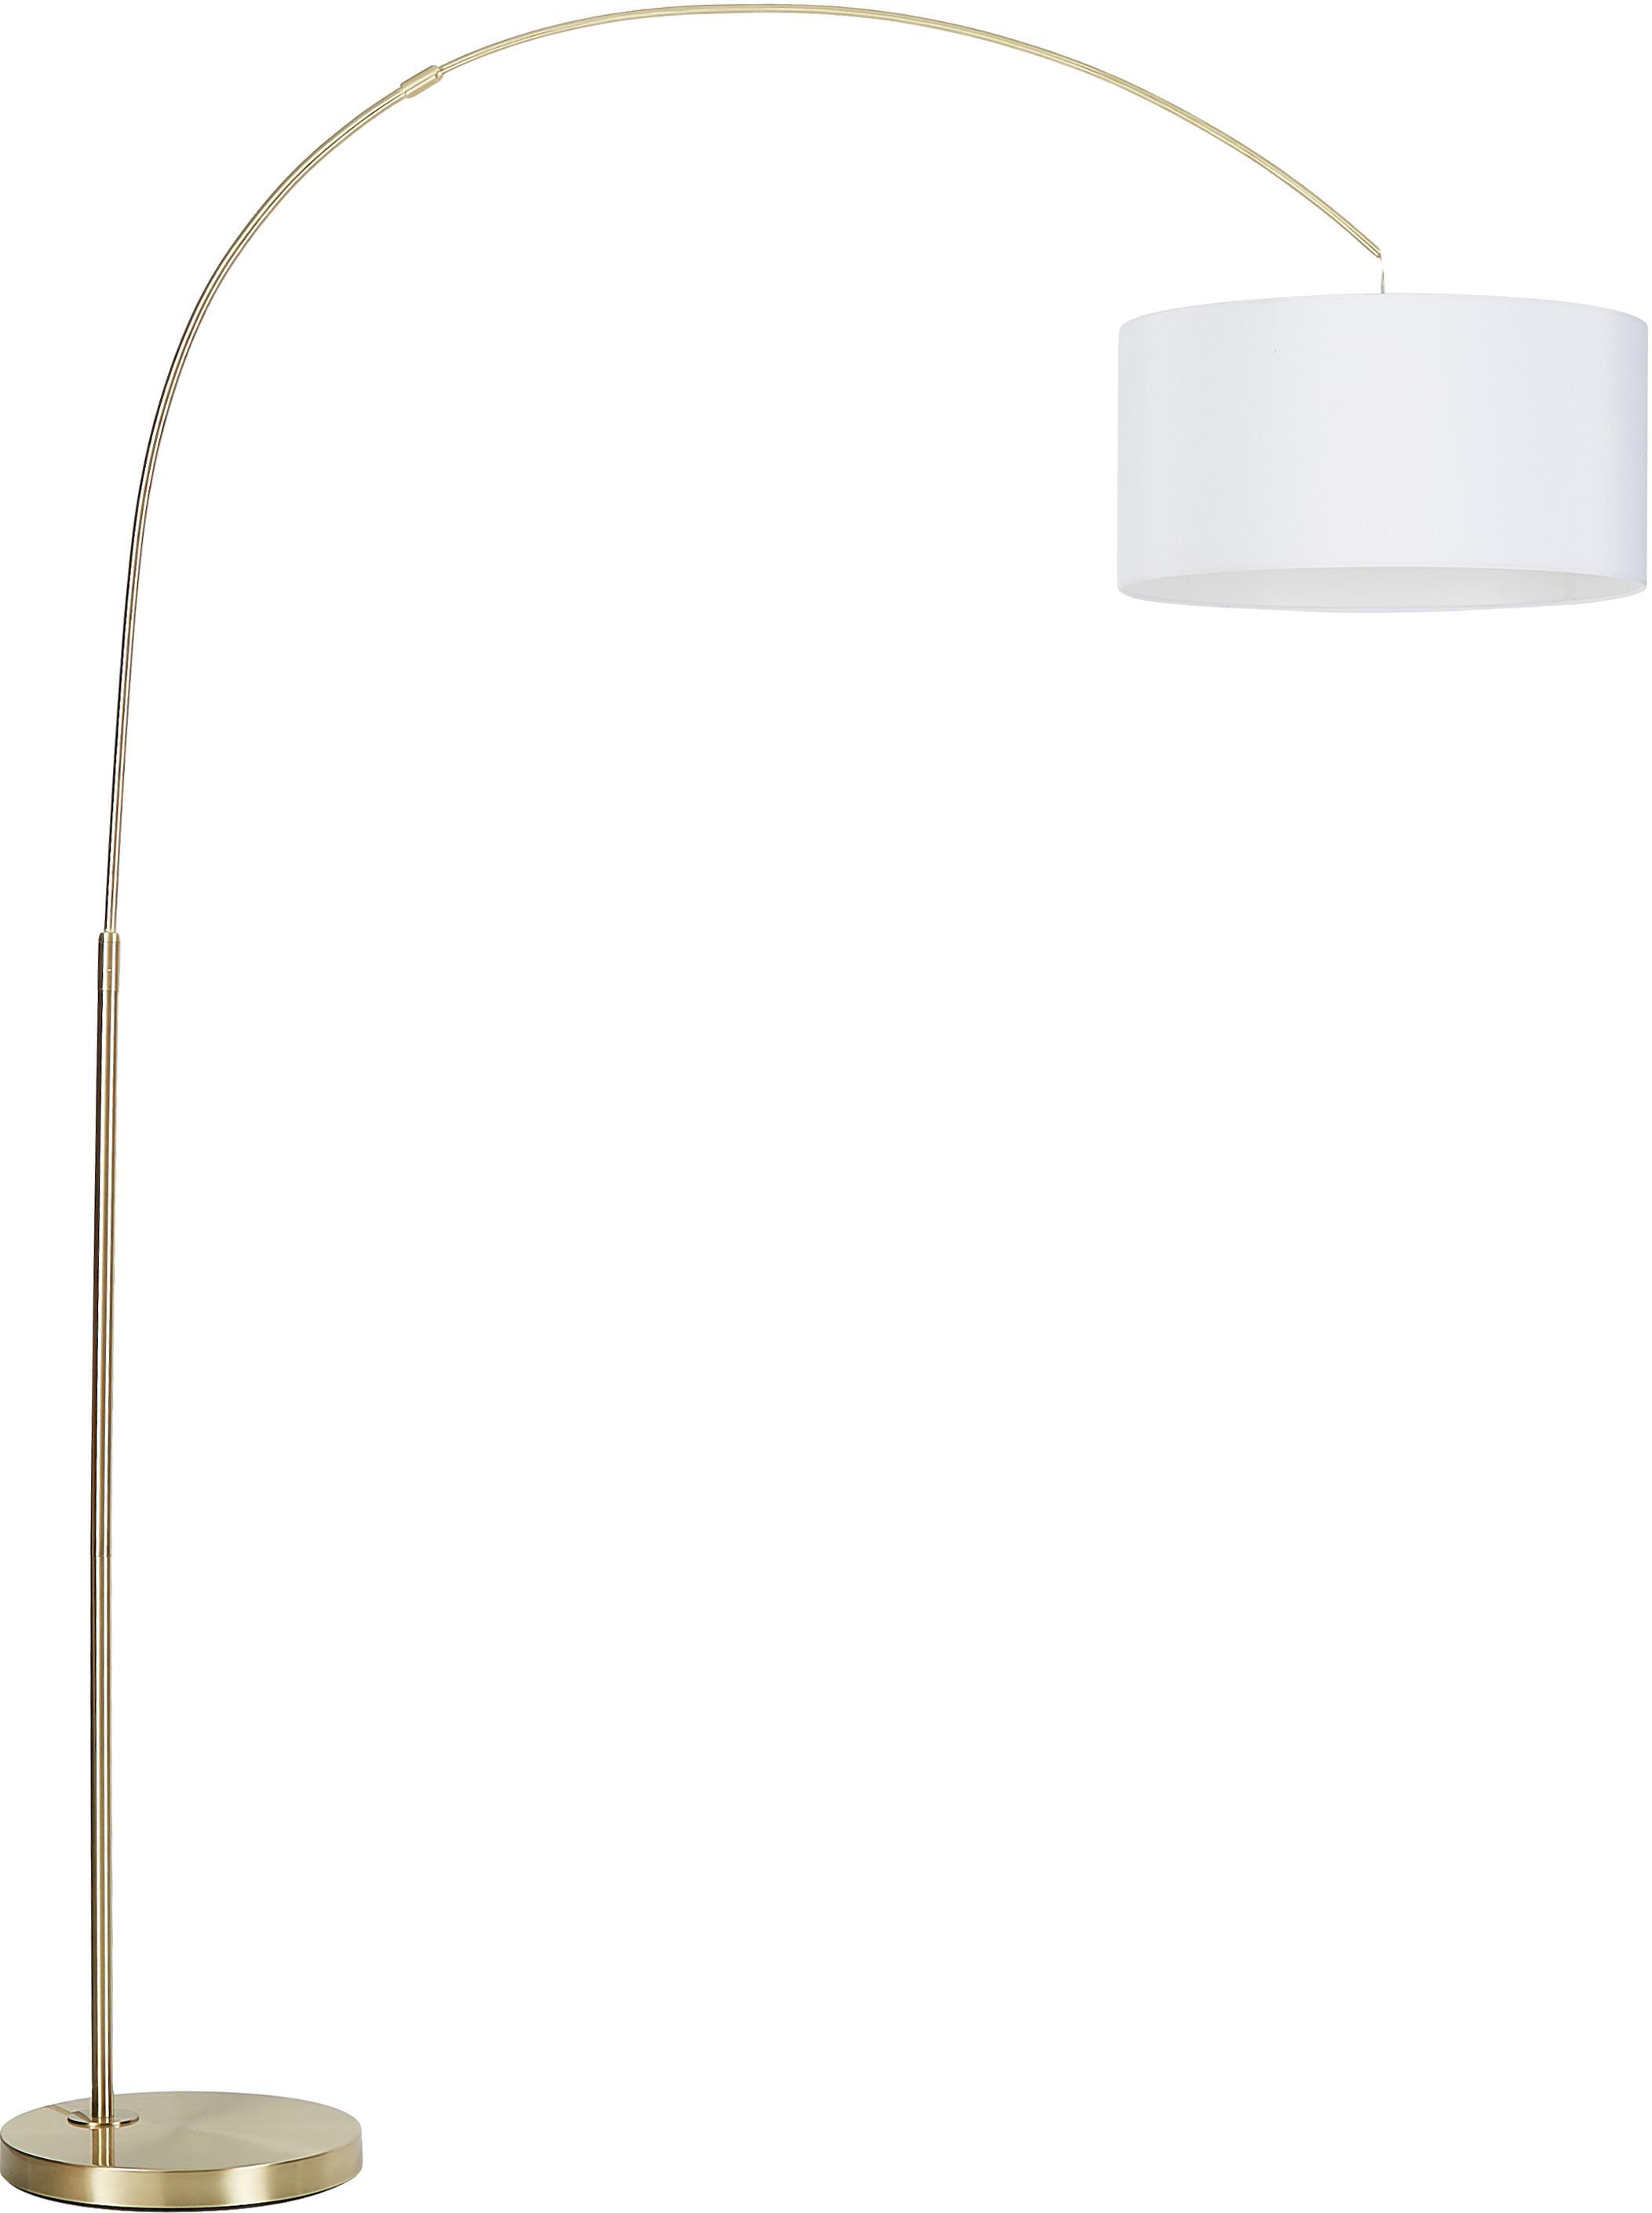 Moderne Bogenlampe Niels, Lampenschirm: Baumwollgemisch, Lampenfuß: Metall, gebürstet, Lampenschirm: WeißLampenfuß: MessingfarbenKabel: Transparent, 157 x 218 cm